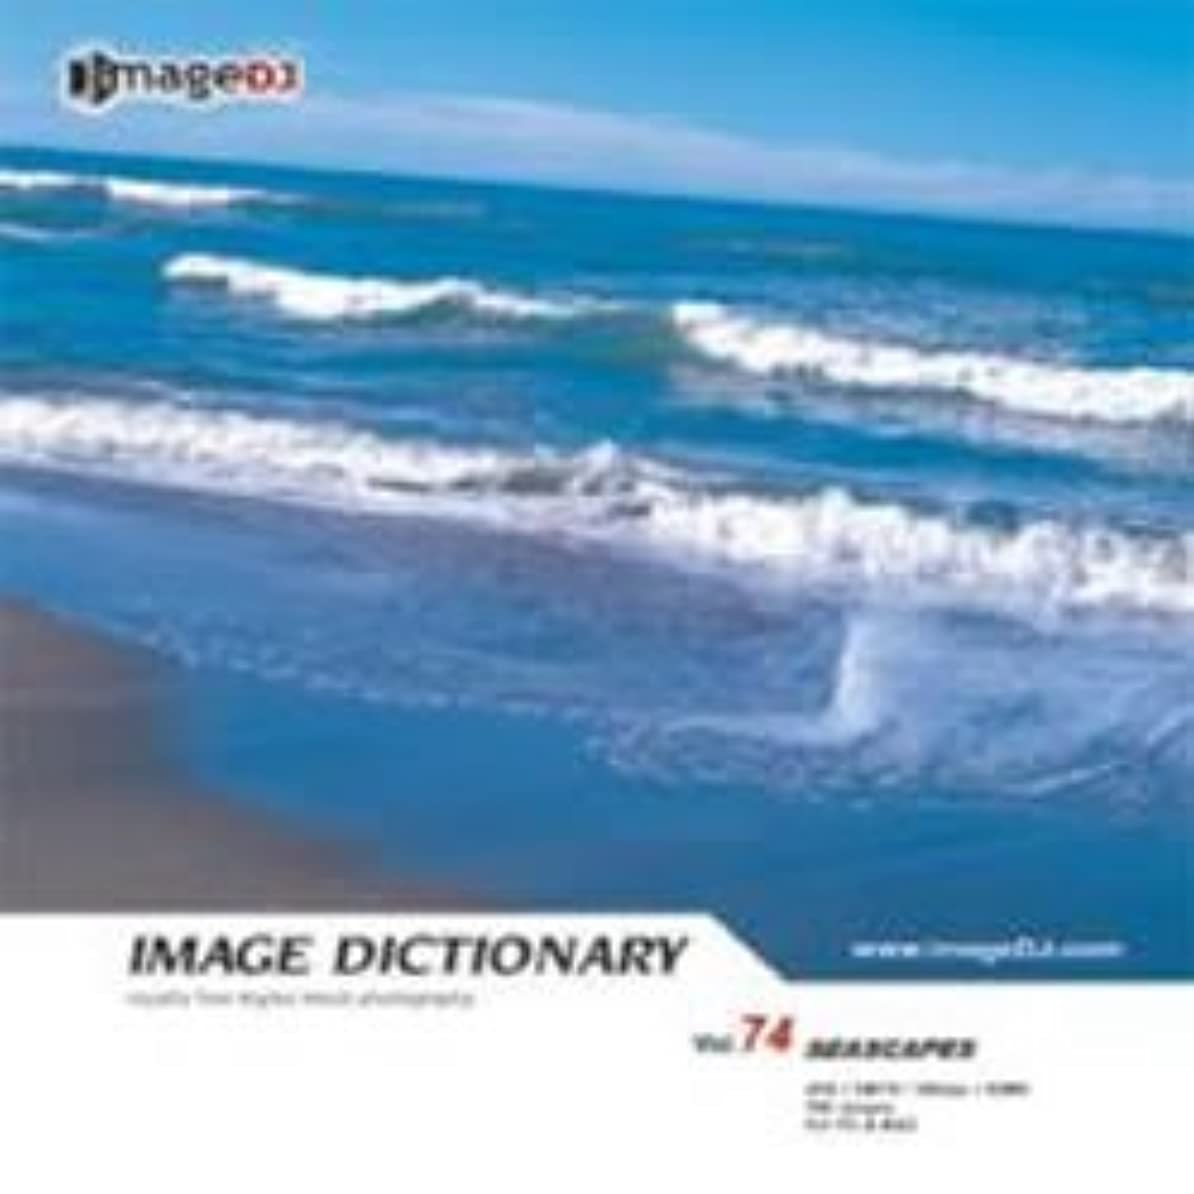 イメージ ディクショナリー Vol.74 海景